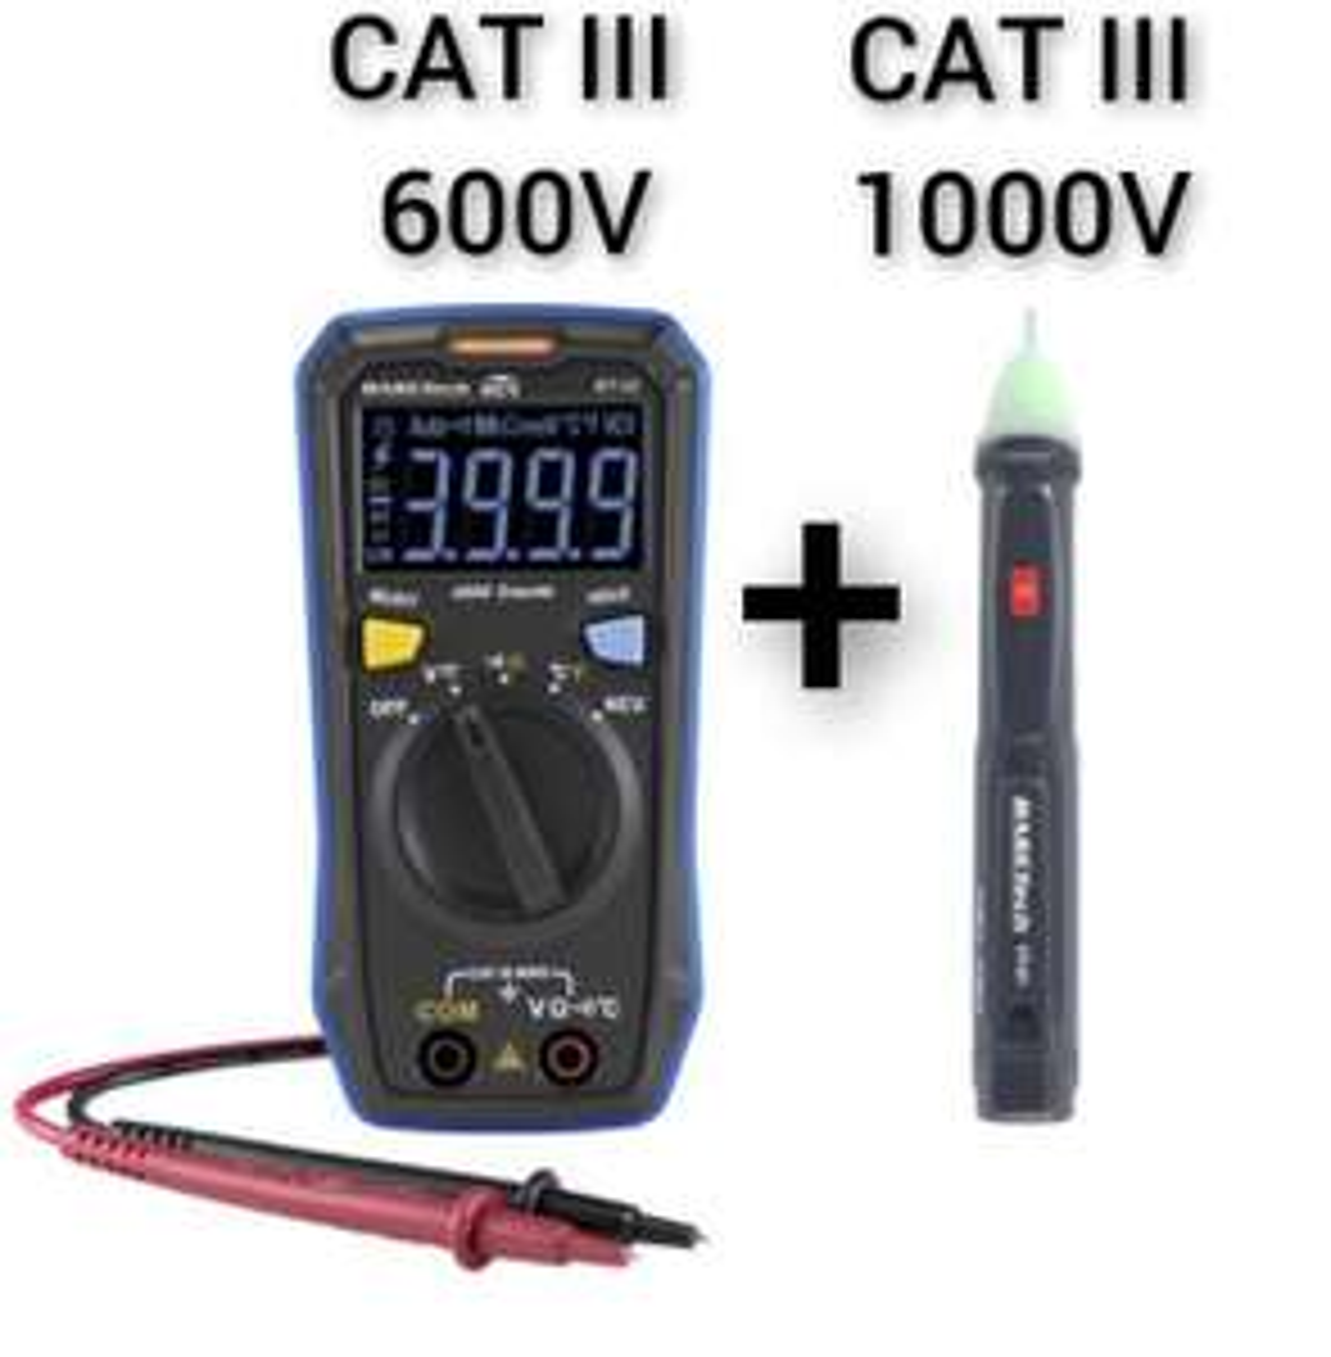 Basetech BT-22 Handmultimeter CAT III 600V inkl. VT-01 berührungsloser Spannungsprüfer CAT III 1000V (automatische Abschaltung)